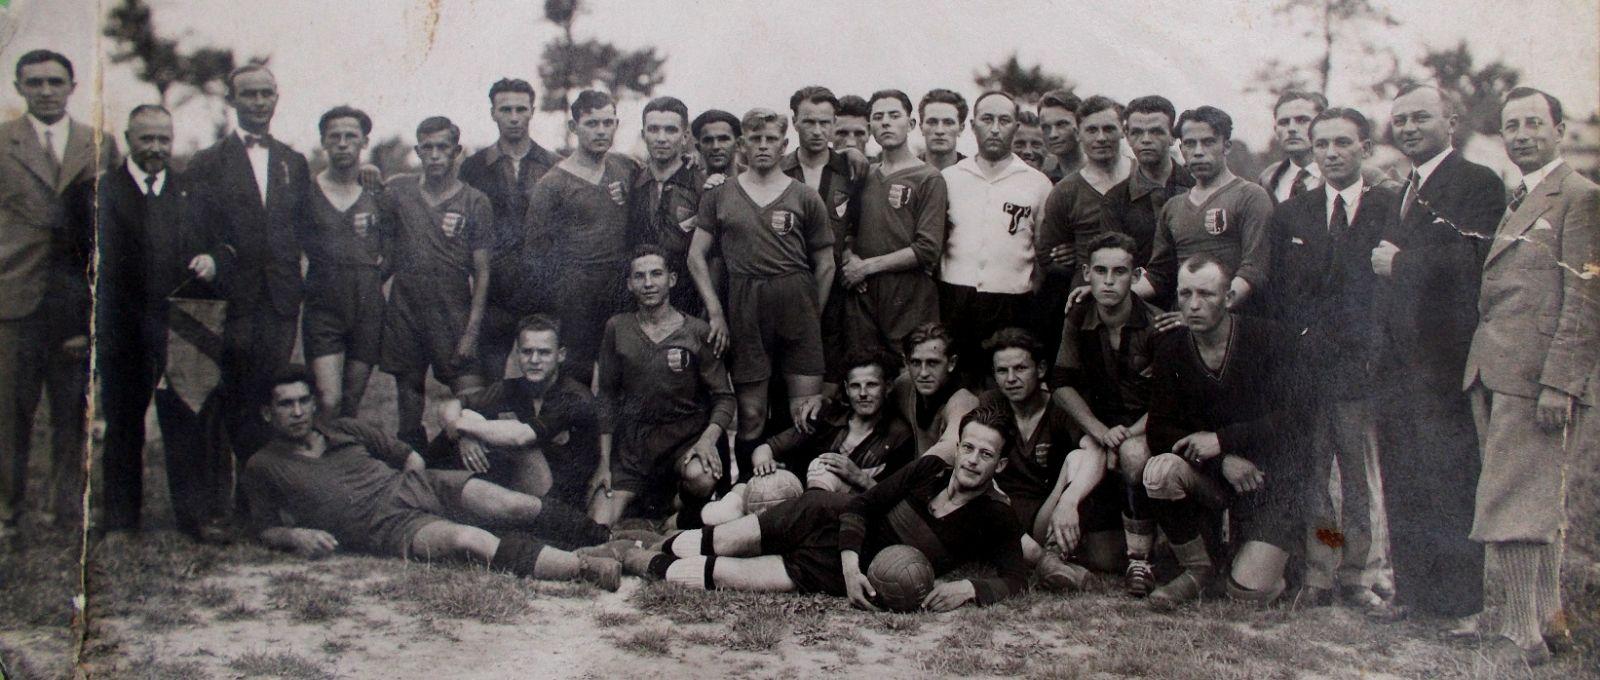 Втрачений Ужгород: історія життя вчителя і футболіста Федора Куруца (Фото)